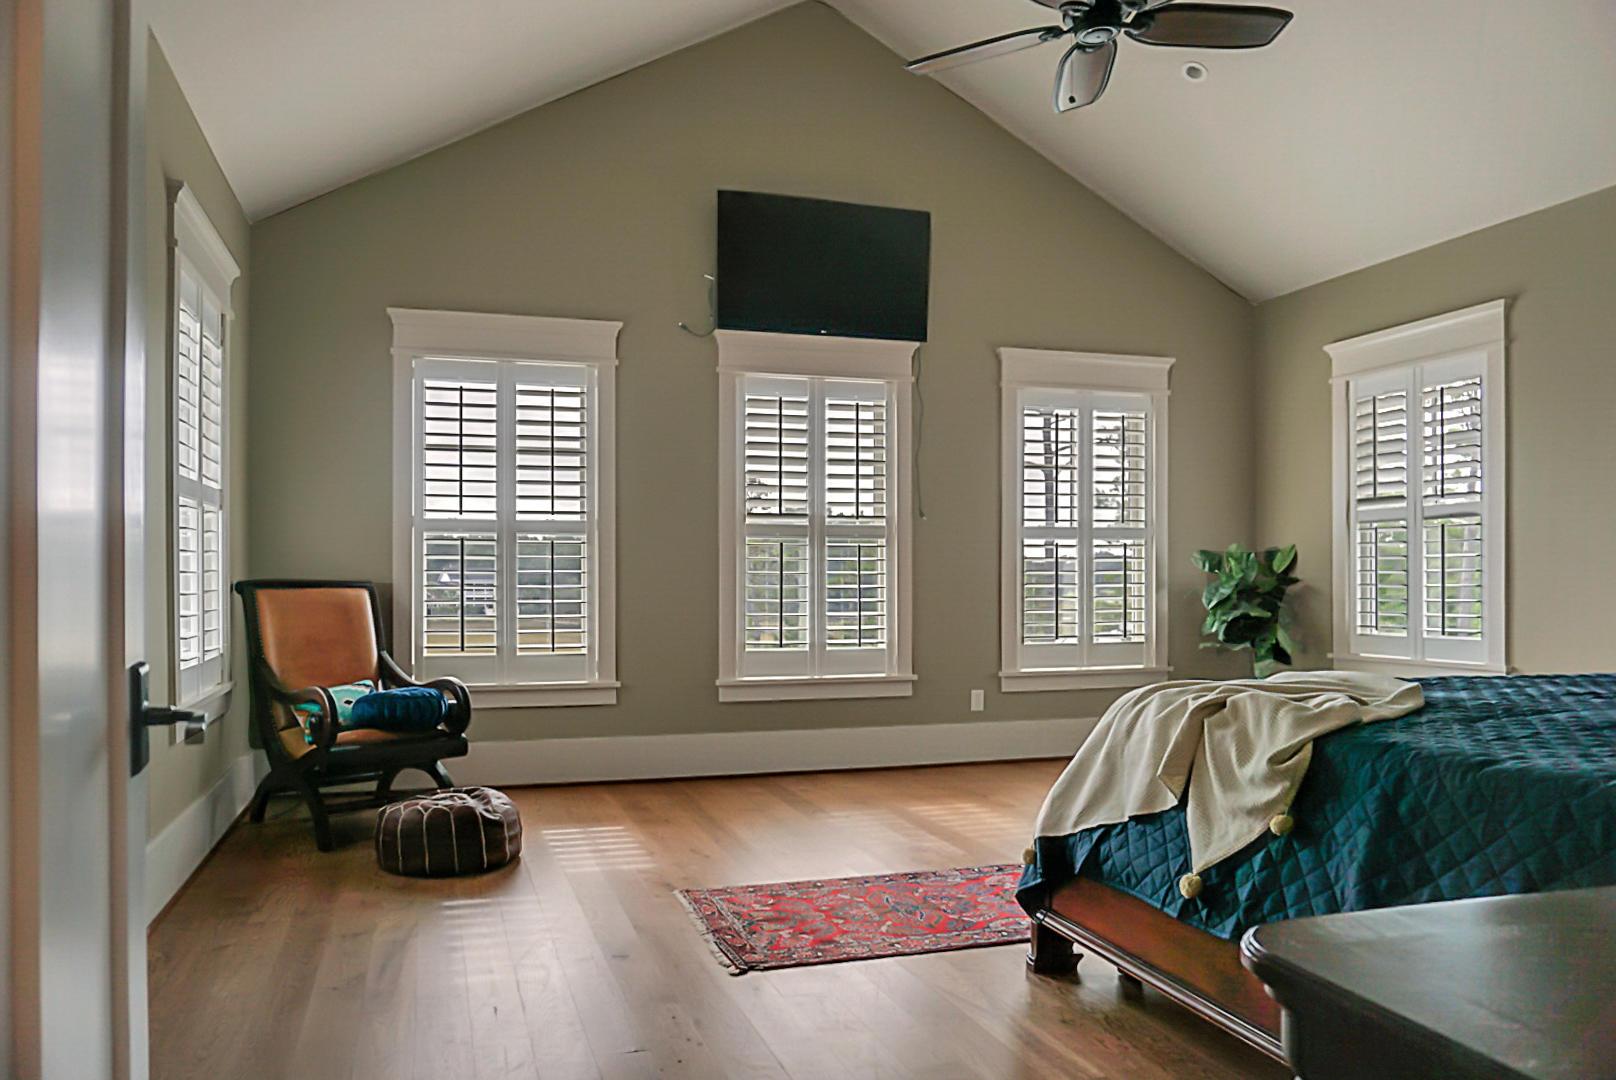 Dunes West Homes For Sale - 2978 River Vista, Mount Pleasant, SC - 22